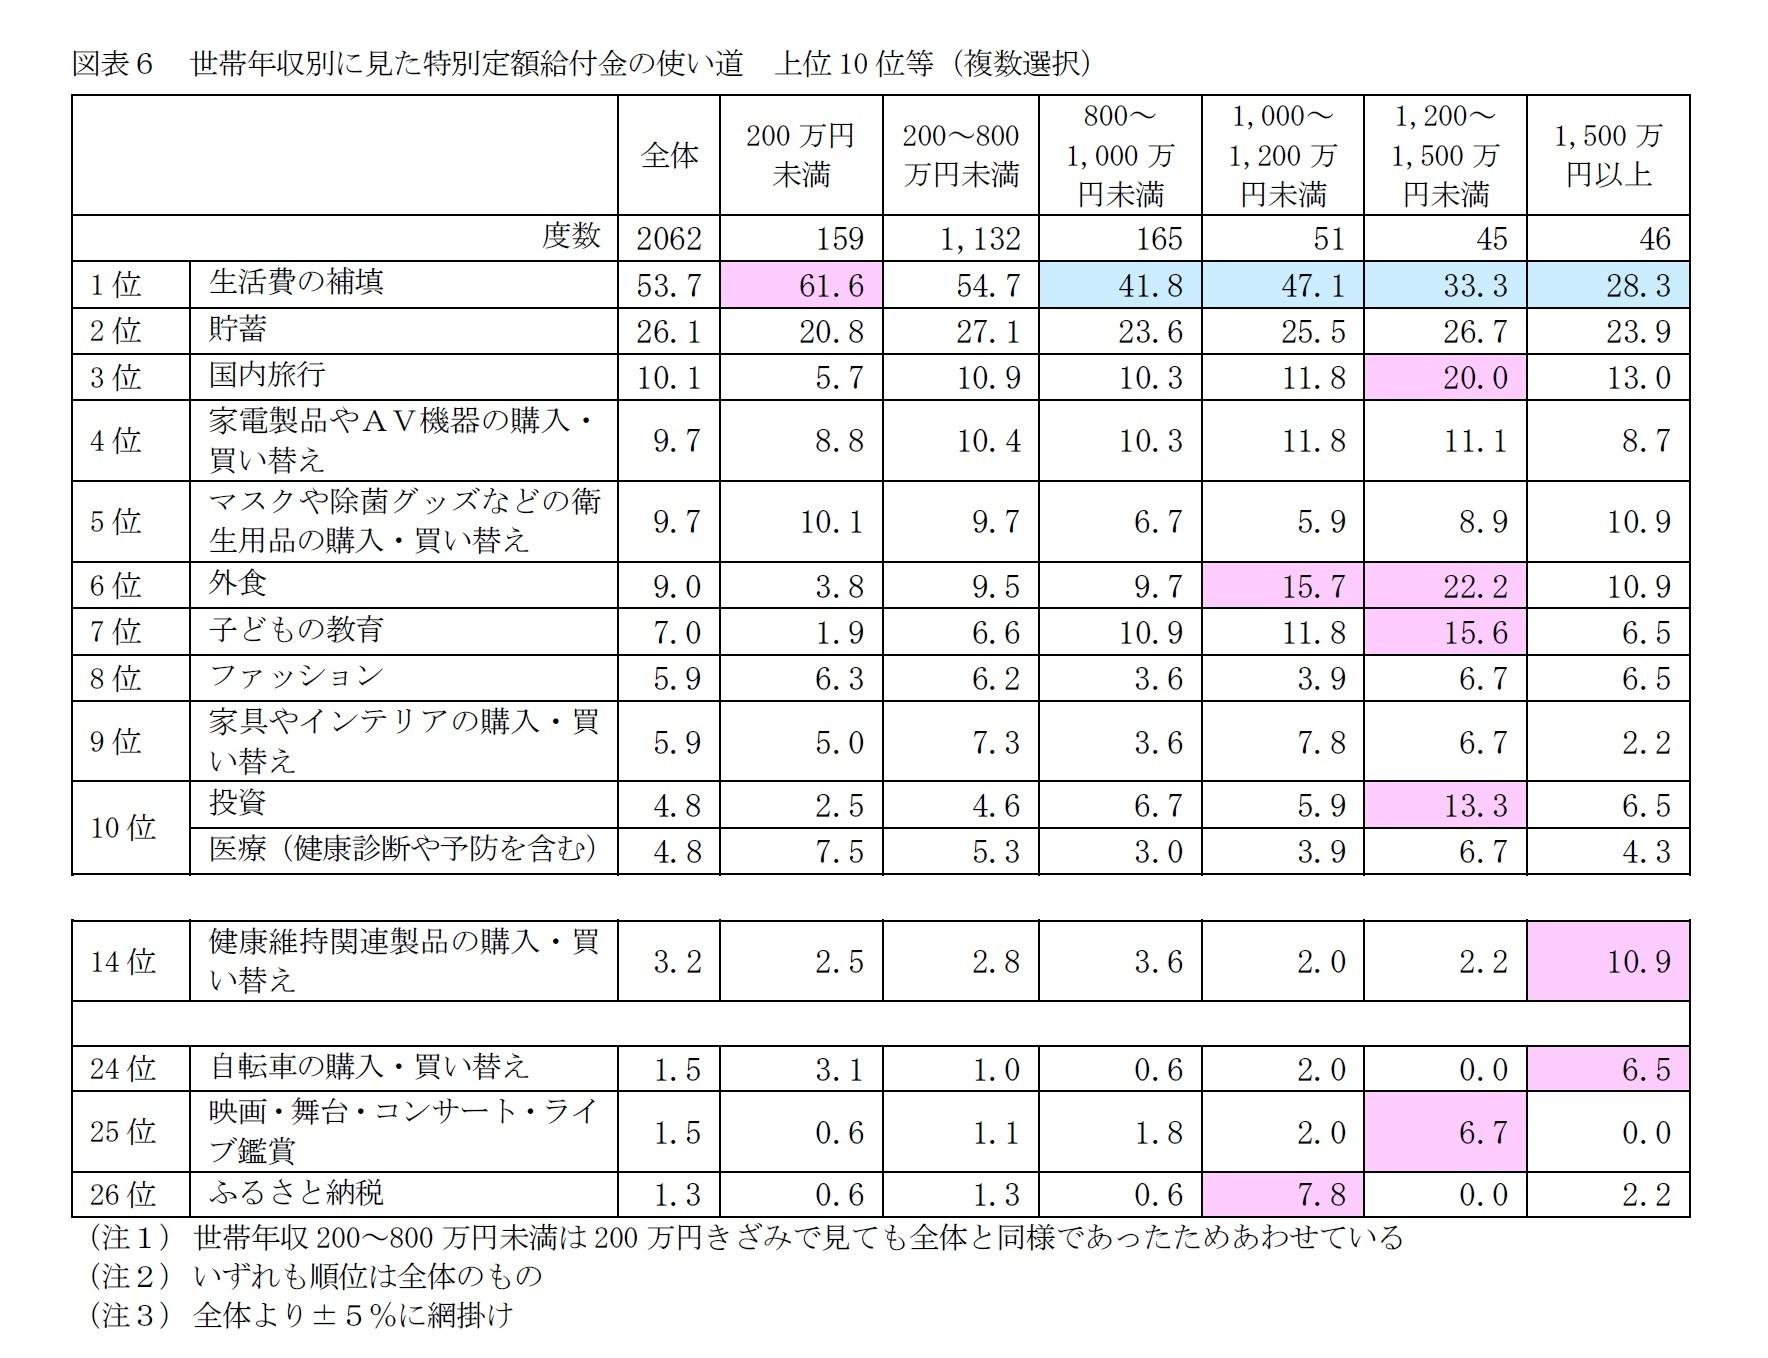 図表6 世帯年収別に見た特別定額給付金の使い道 上位10位等(複数選択)